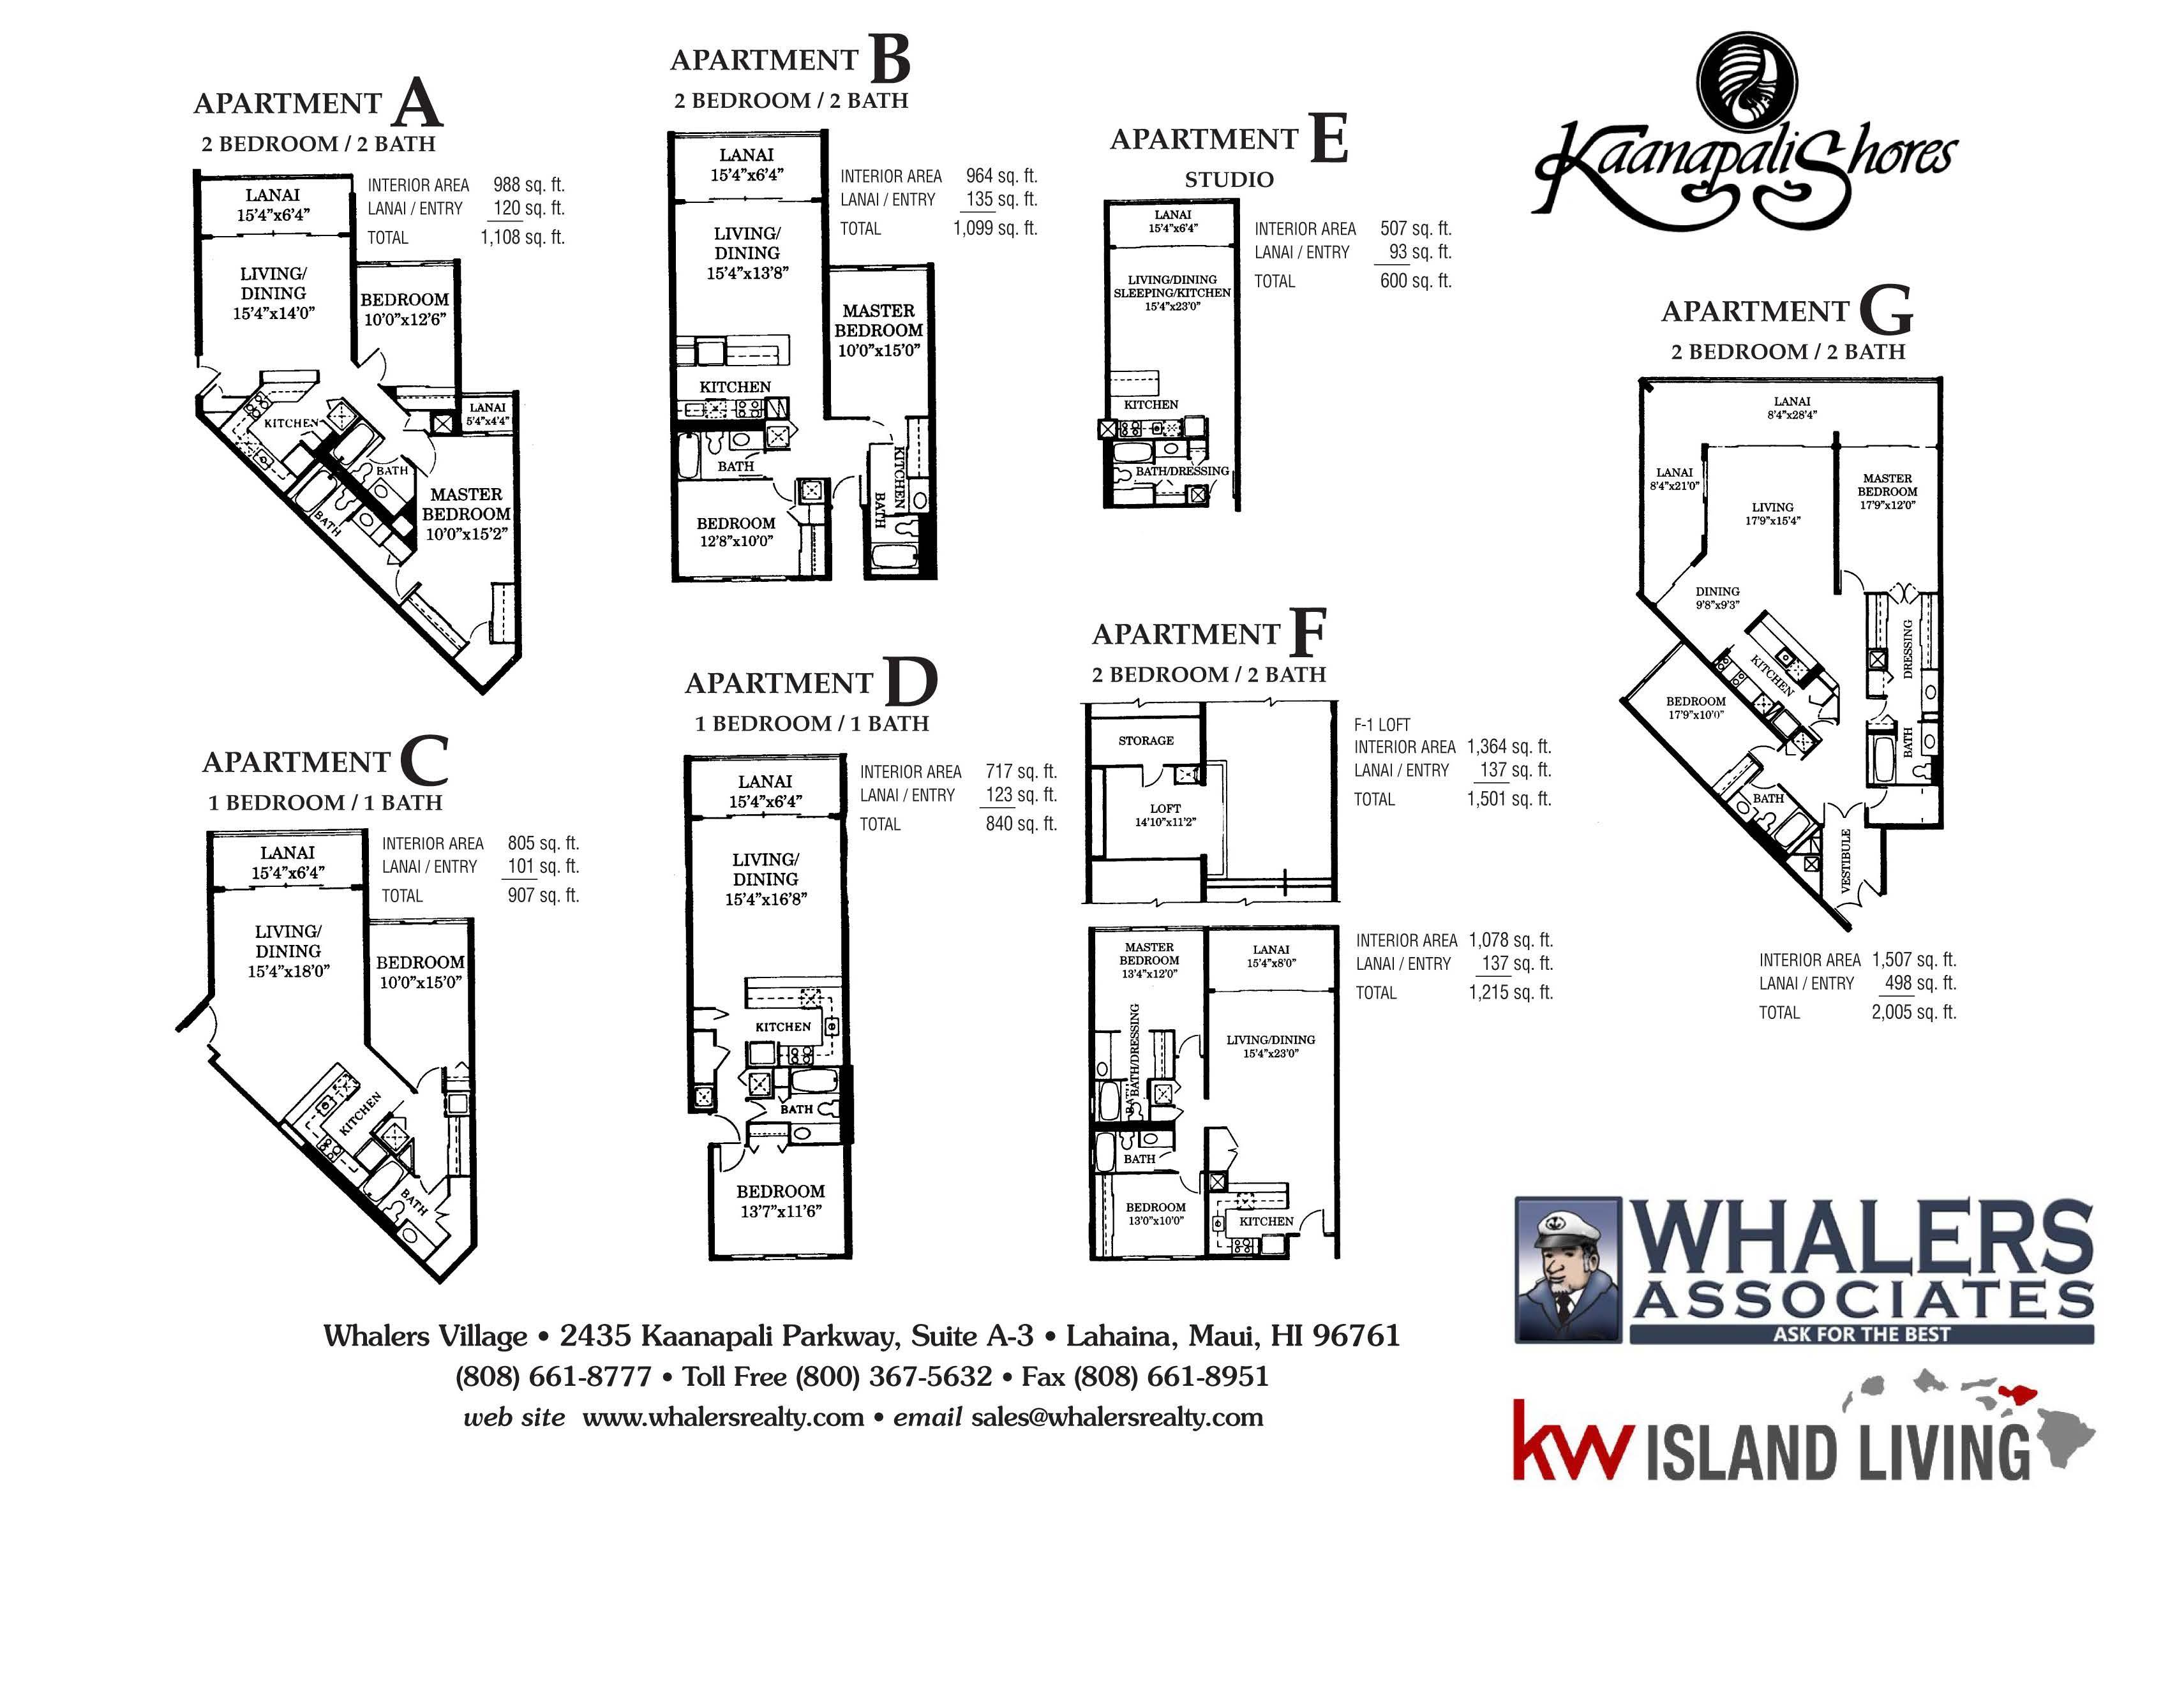 Kaanapali Shores Floor Plan